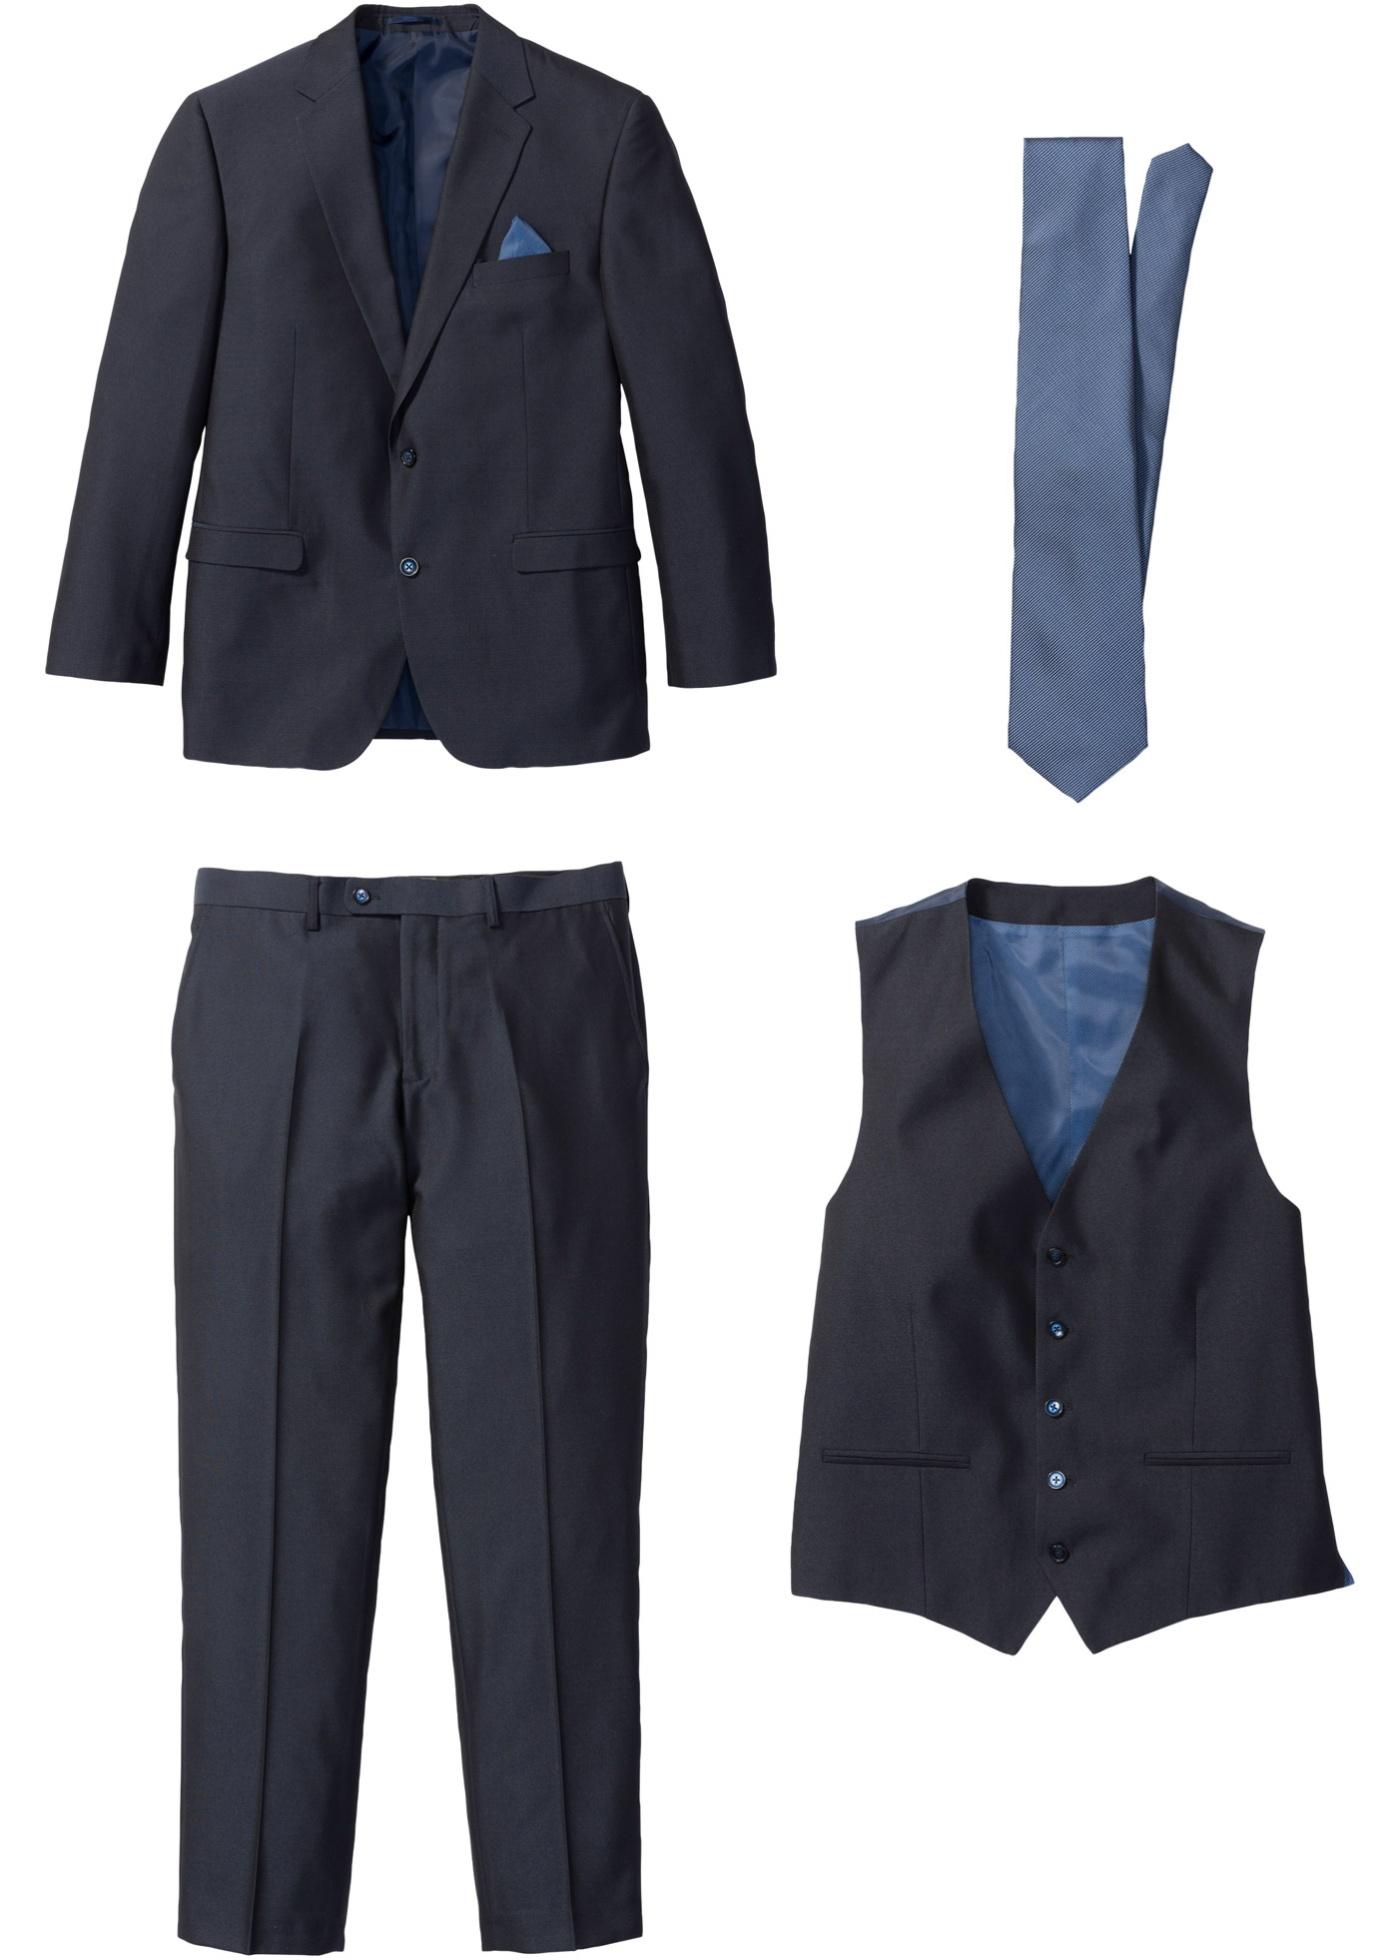 Costume 4 pièces : veste, pantalon, gilet, cravate